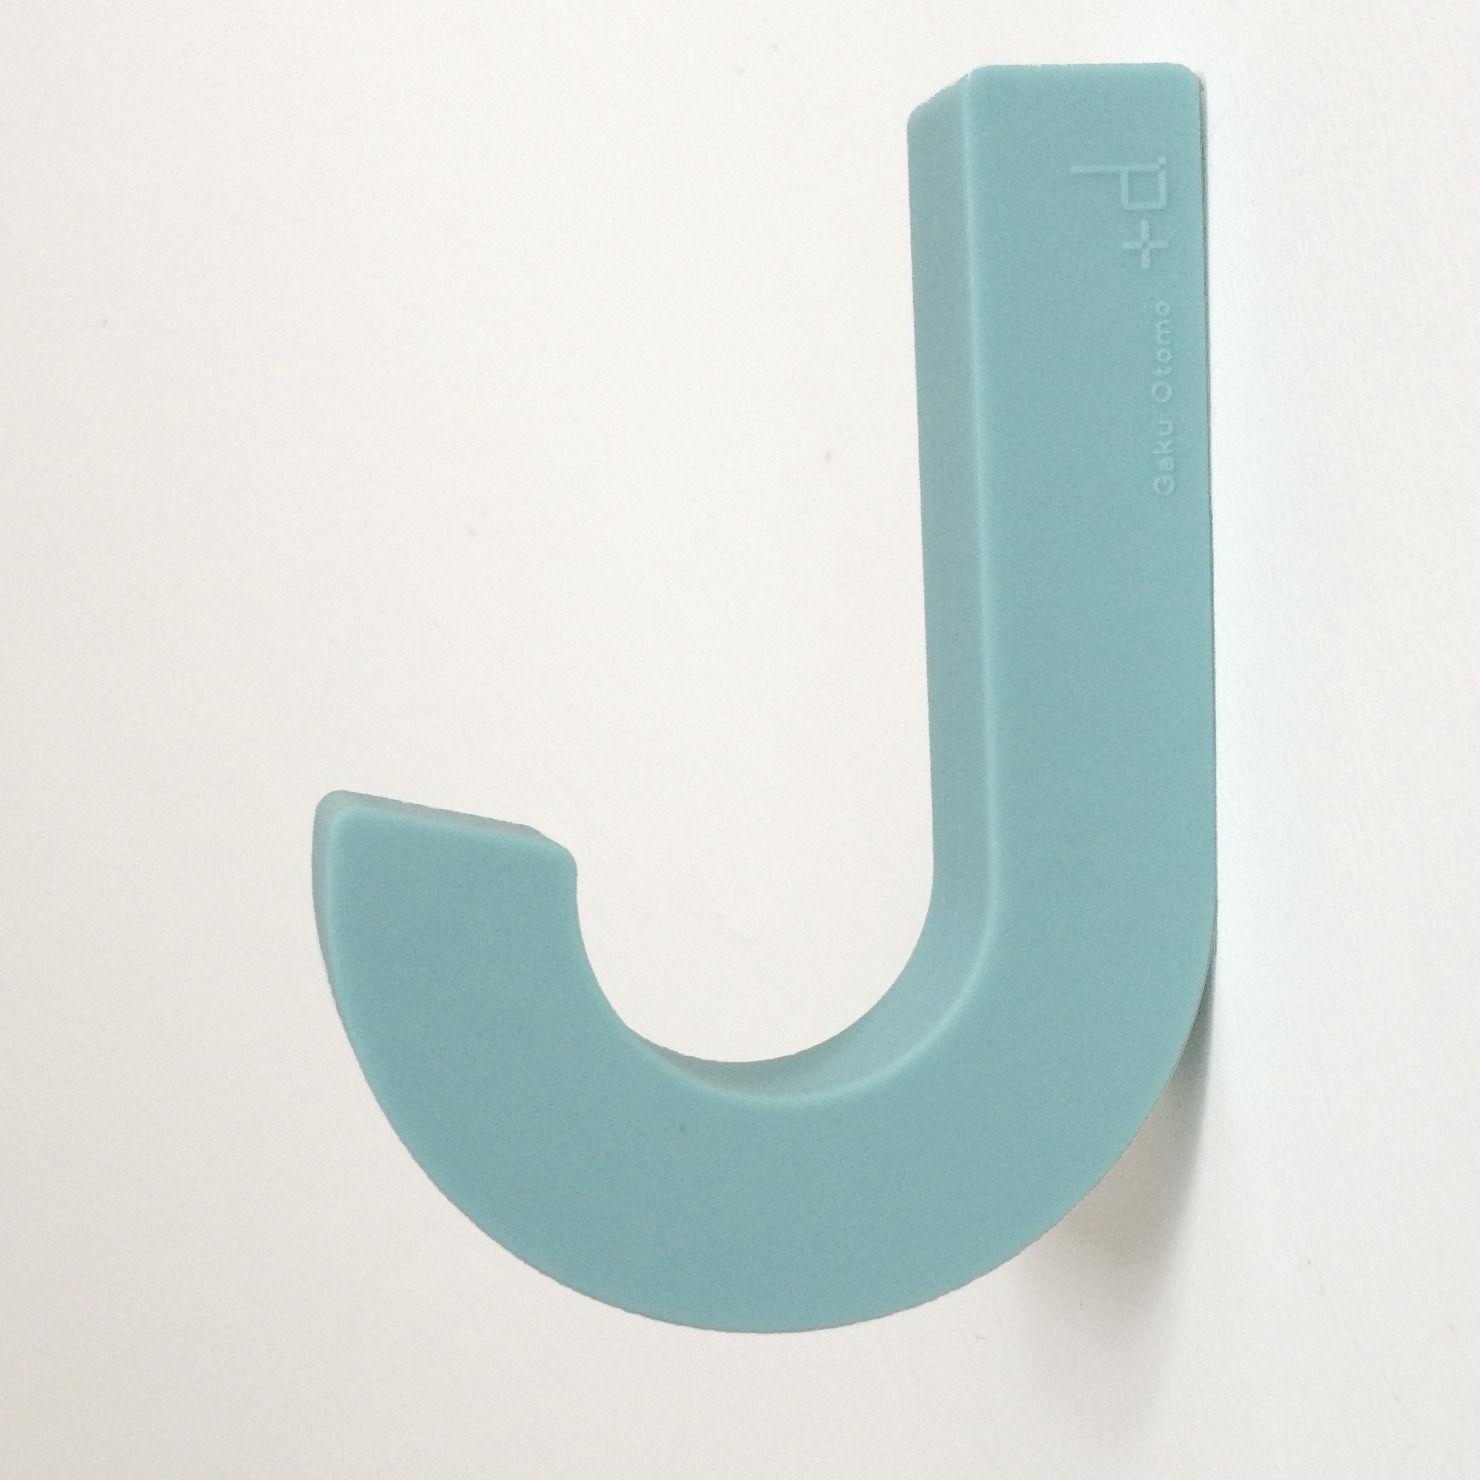 Arredamento - Appendiabiti  - Appendiabiti Gumhook - morbido di Pa Design - Blu cielo - Silicone